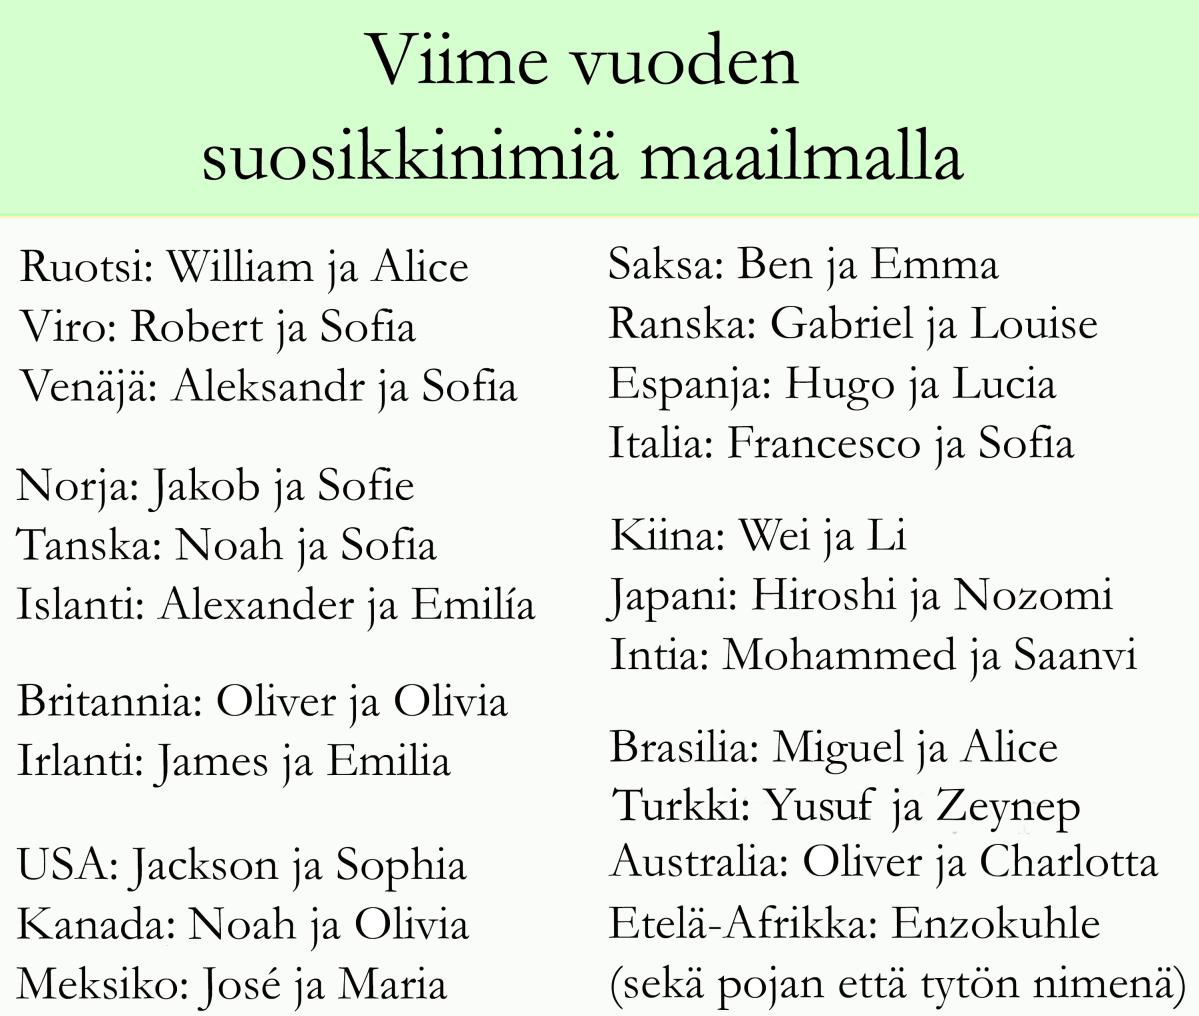 Vuoden 2017 suosituimmat nimet 21 valtiossa.